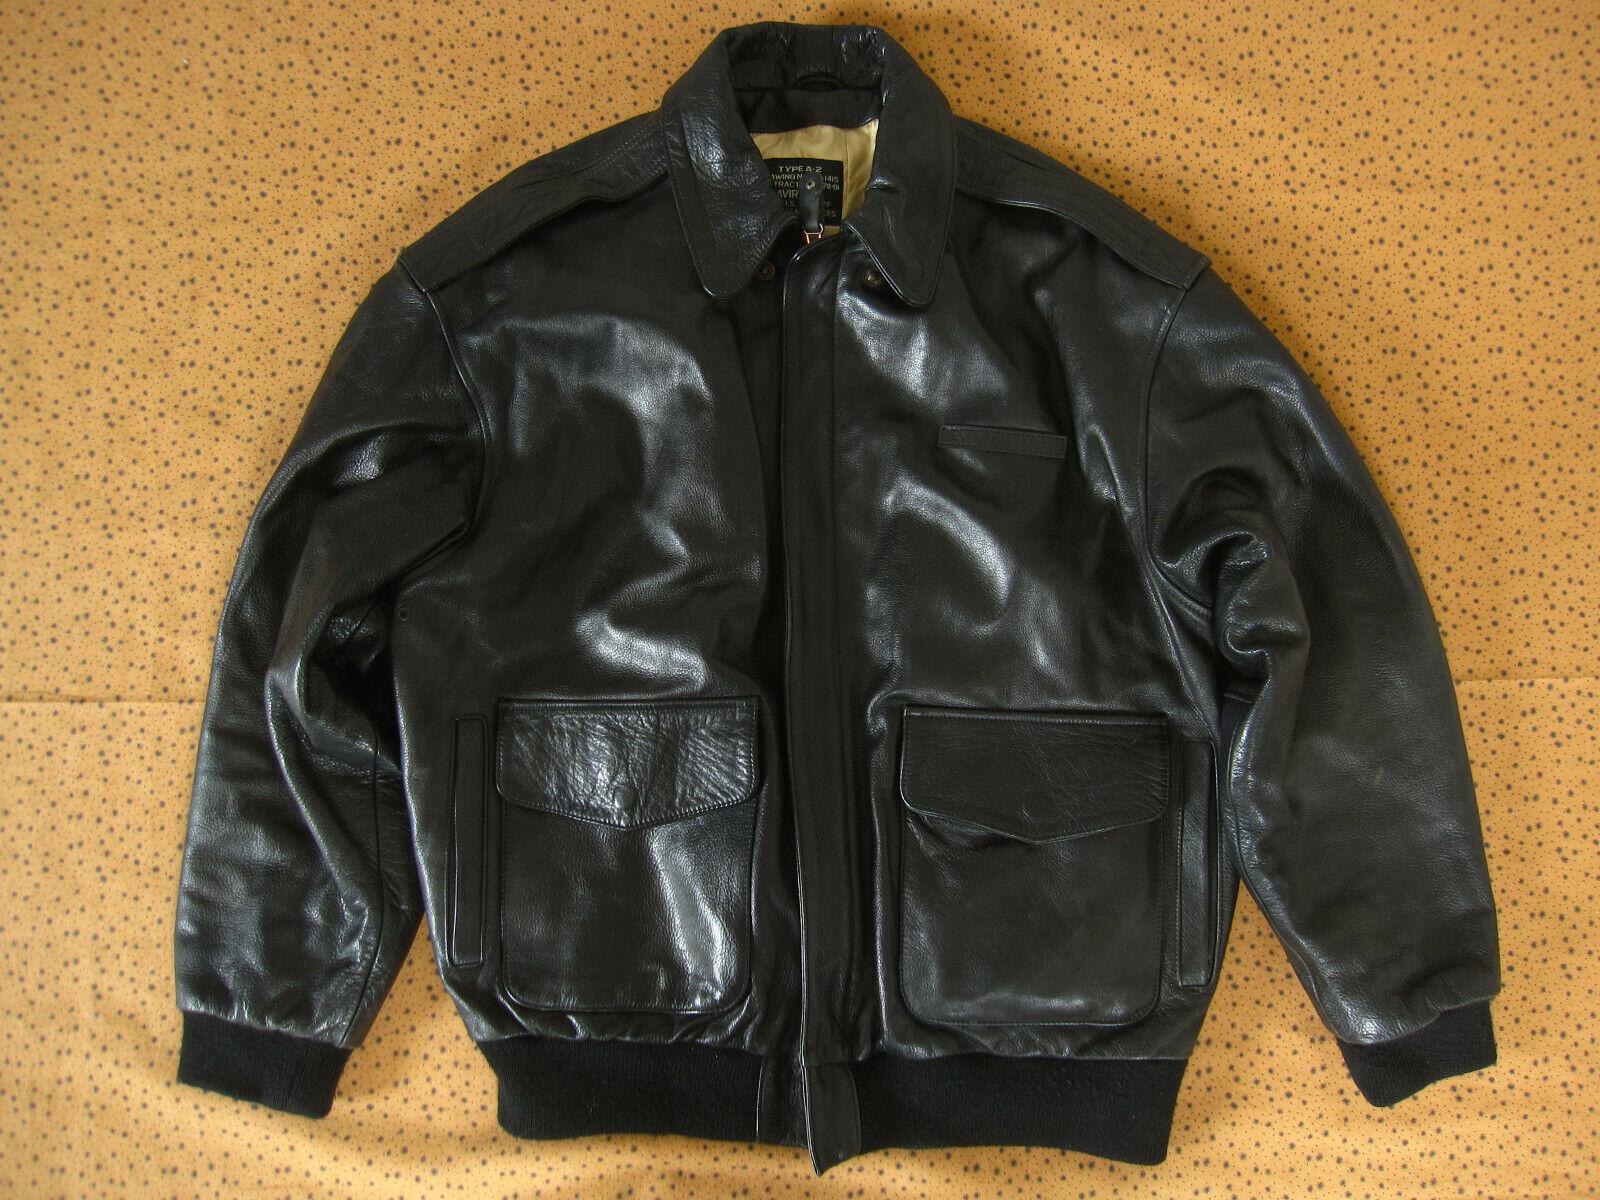 Blouson avirex type a-2 us army de 1992 mother veste vintage noir cuir - xl